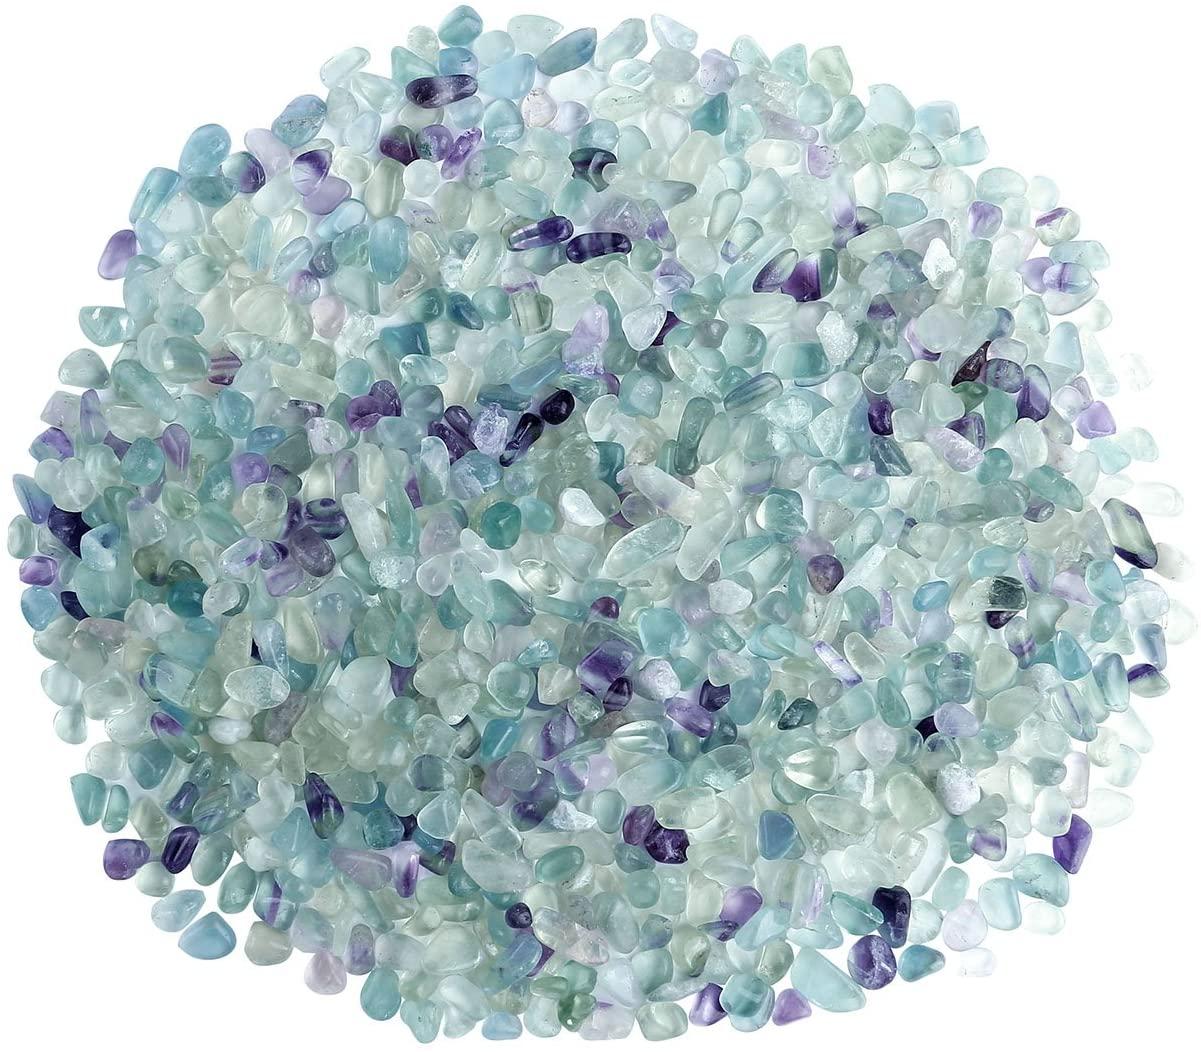 Jovivi 0.9lb Irregular Shaped Natural Fluorite Tumbled Chips Crushed Stone Healing Reiki Crystal Gemstones for Home Indoor Feng Shui Vases Decoration